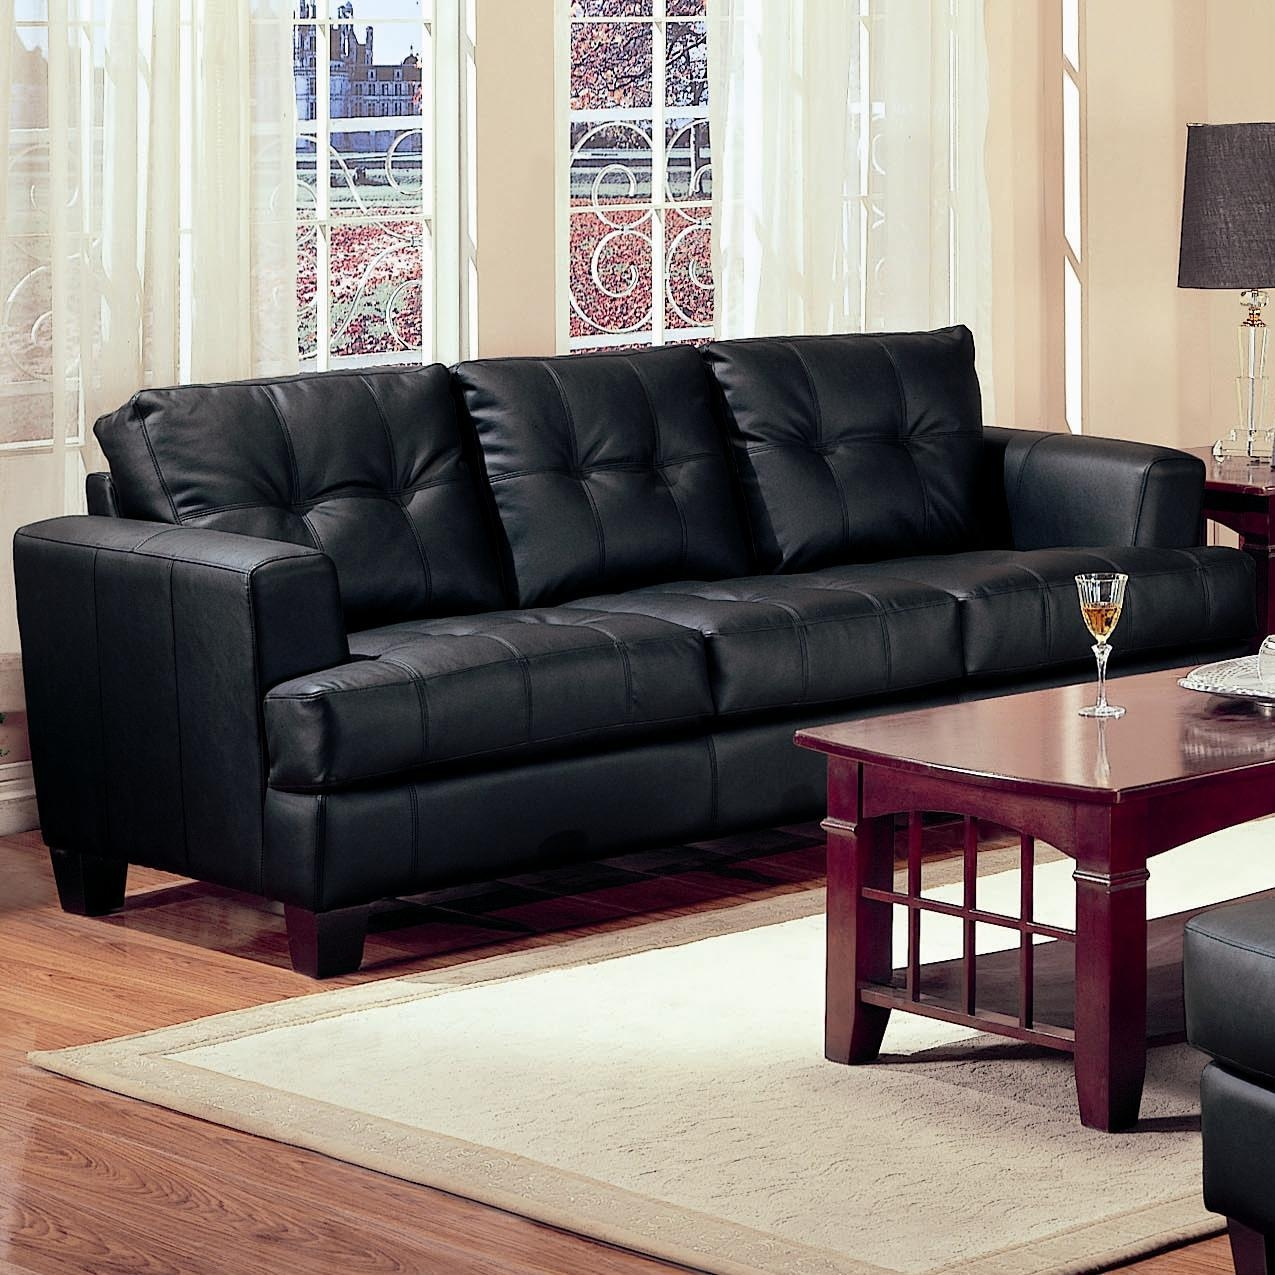 Sofas | Austin's Furniture Depot Within Austin Sleeper Sofas (Image 8 of 20)